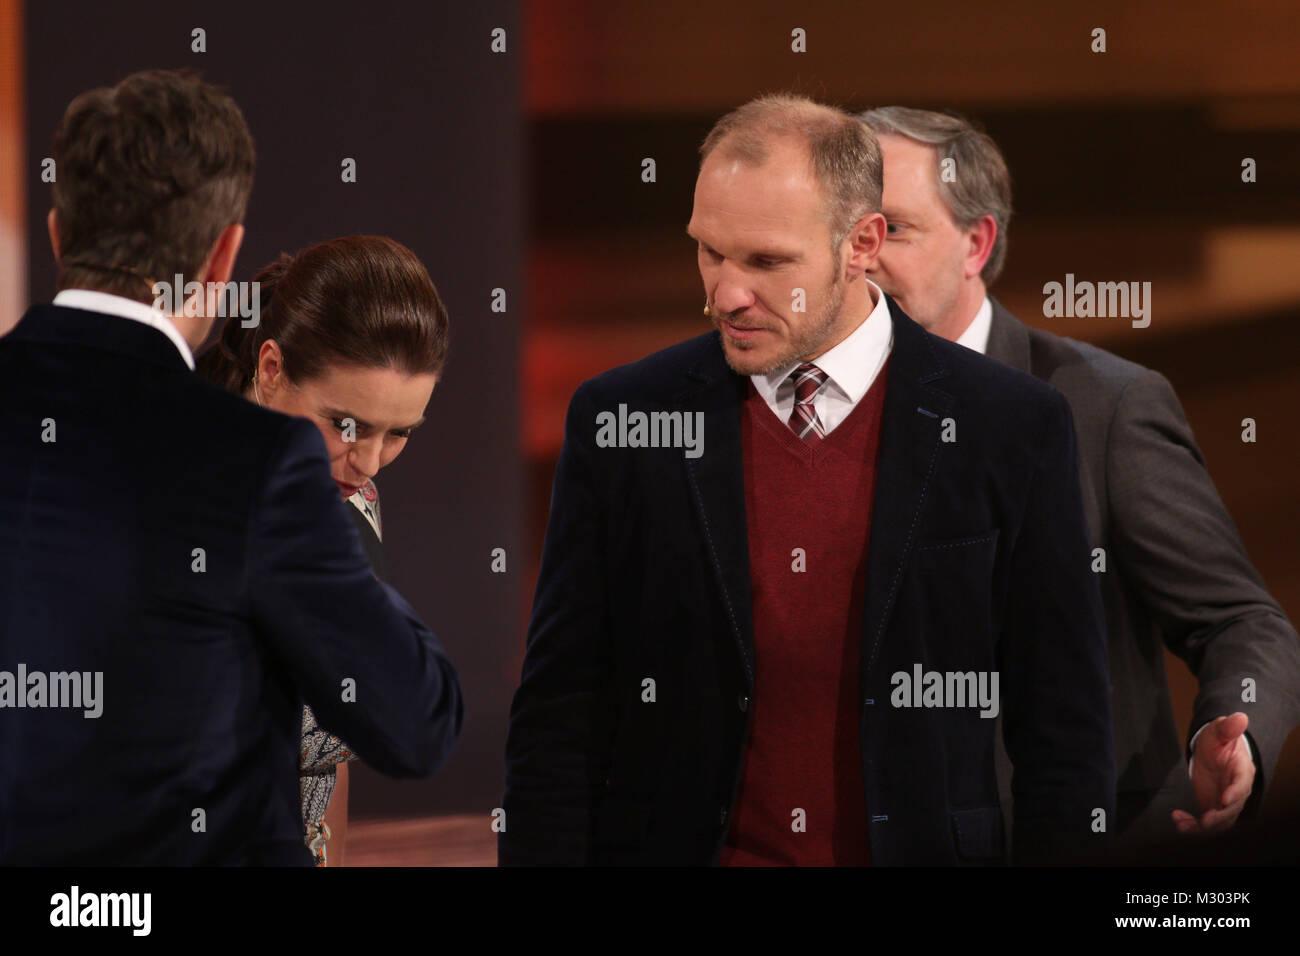 Markus Lanz Katarina Witt Hermann Maier Live Sendung Der Letzten